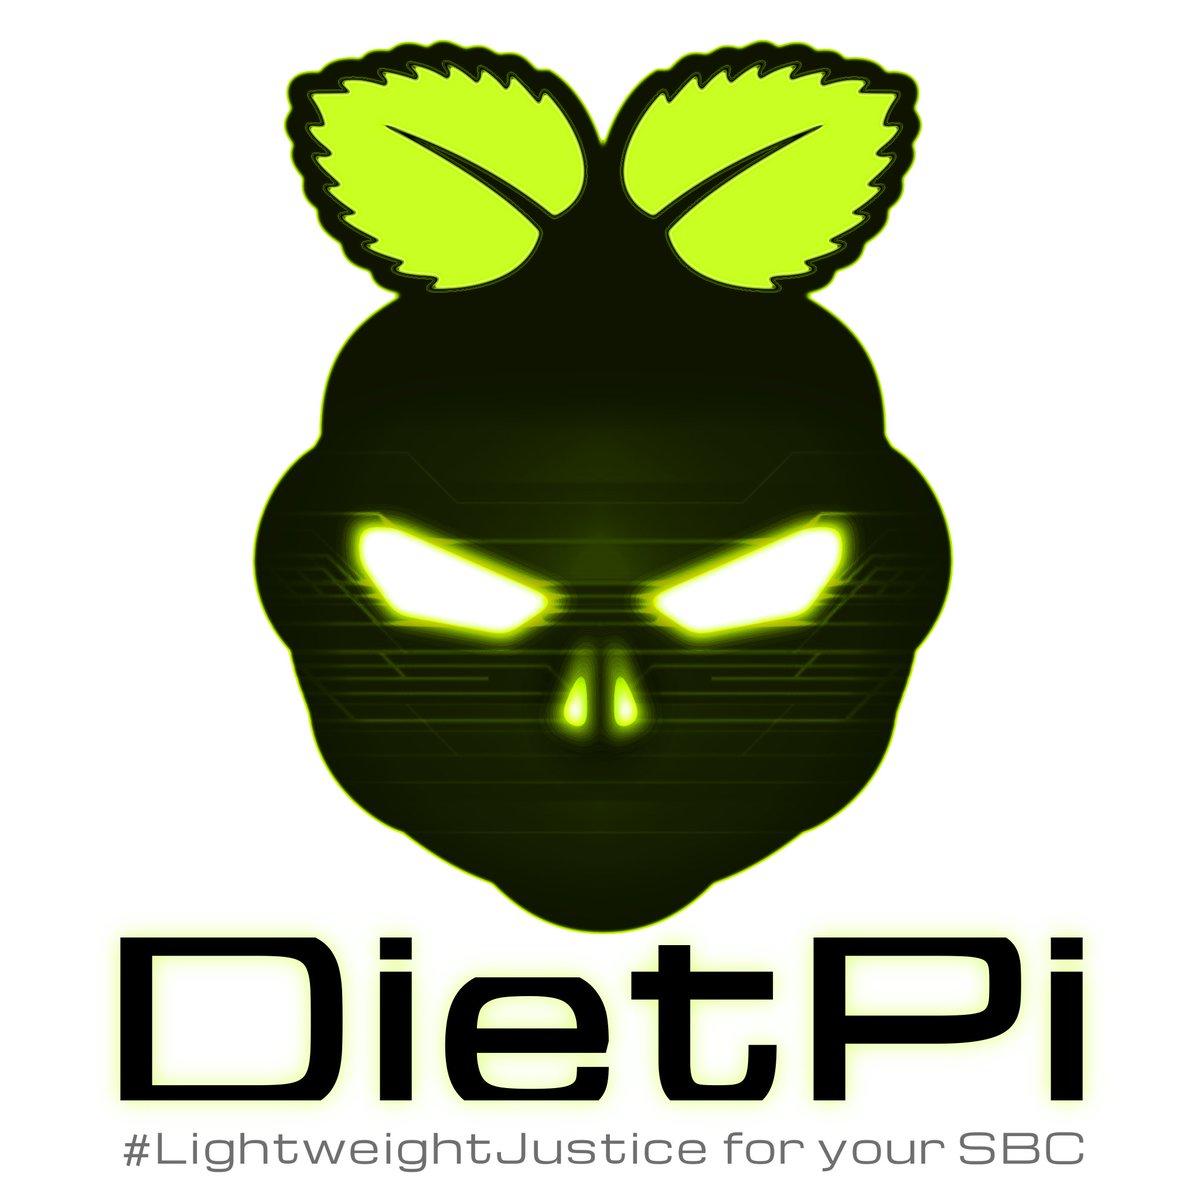 DietPi on Twitter: